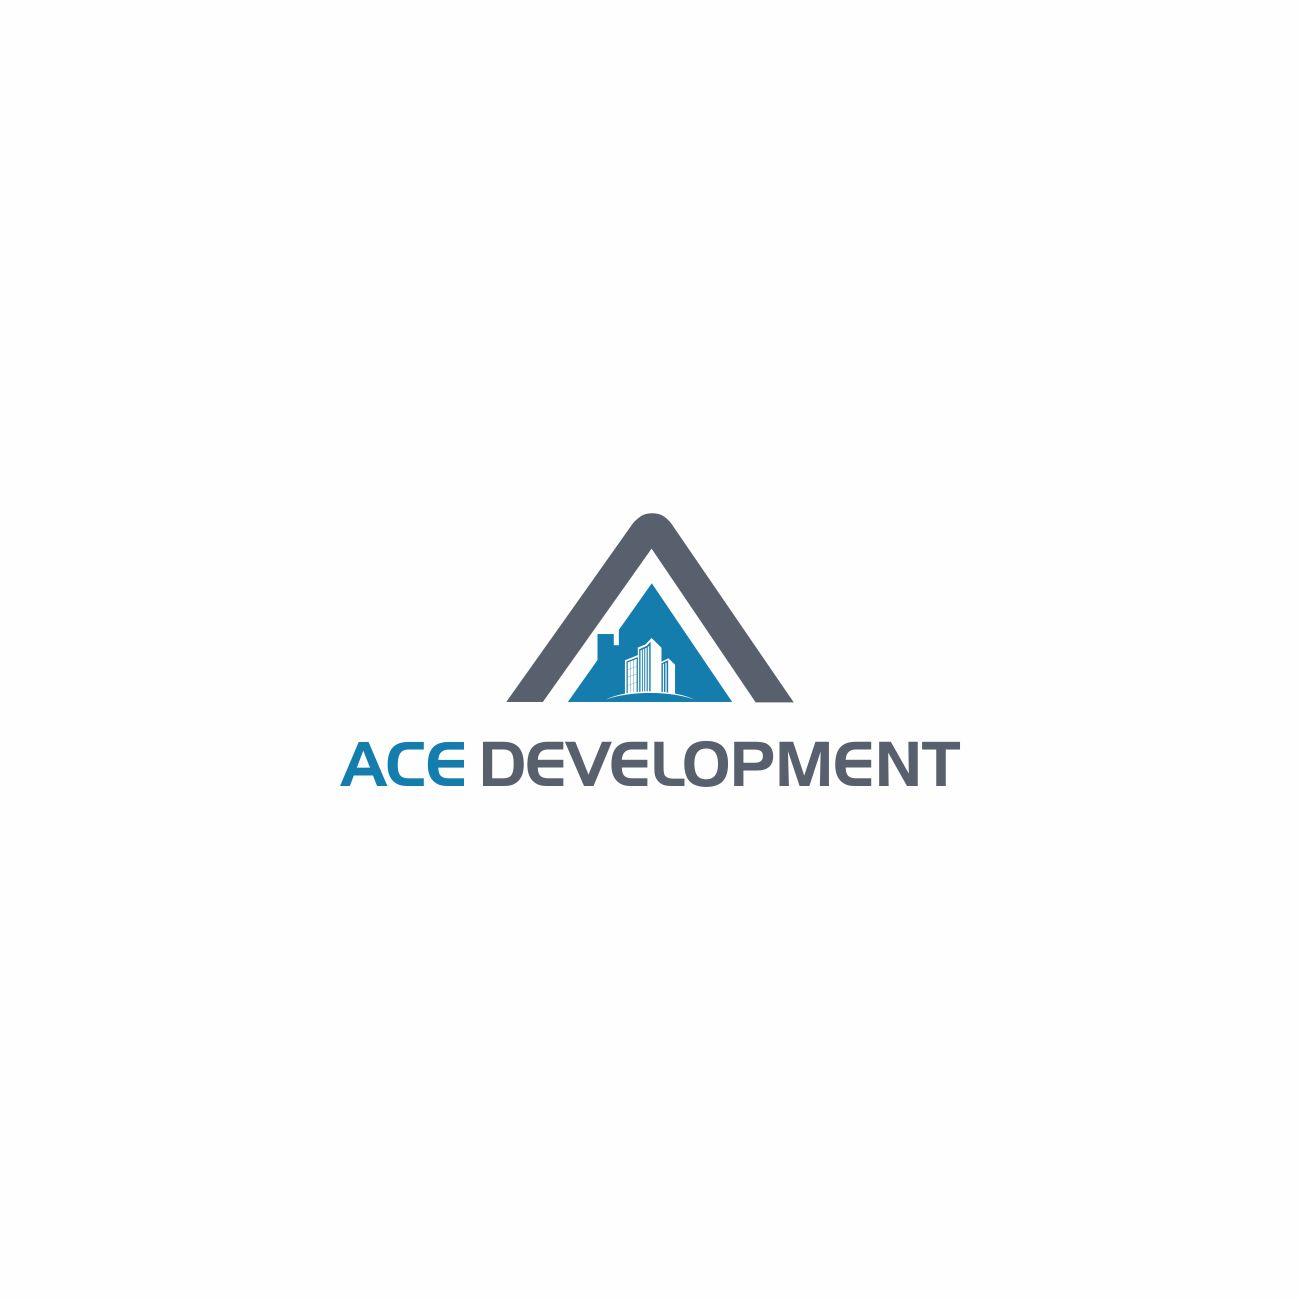 Logo Design by RasYa Muhammad Athaya - Entry No. 23 in the Logo Design Contest Fun Logo Design for Ace development.